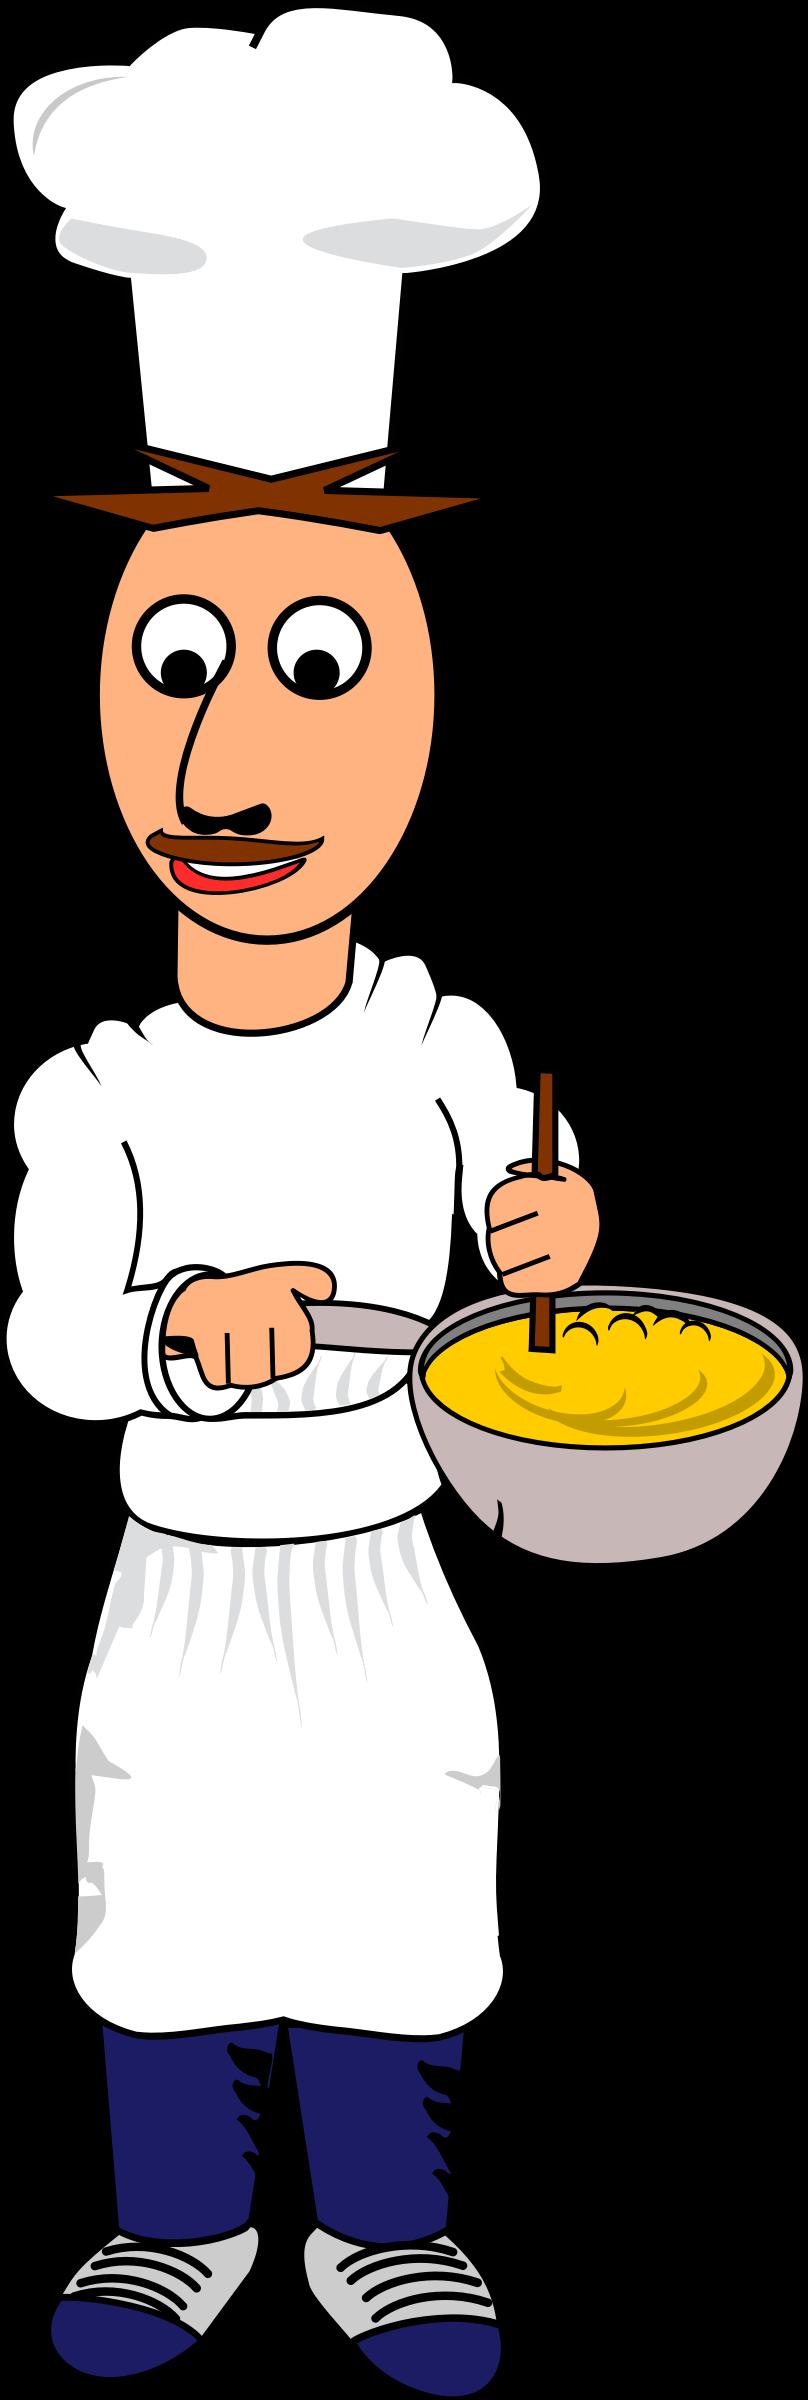 Cooker Clip Art ~ Clipart cook